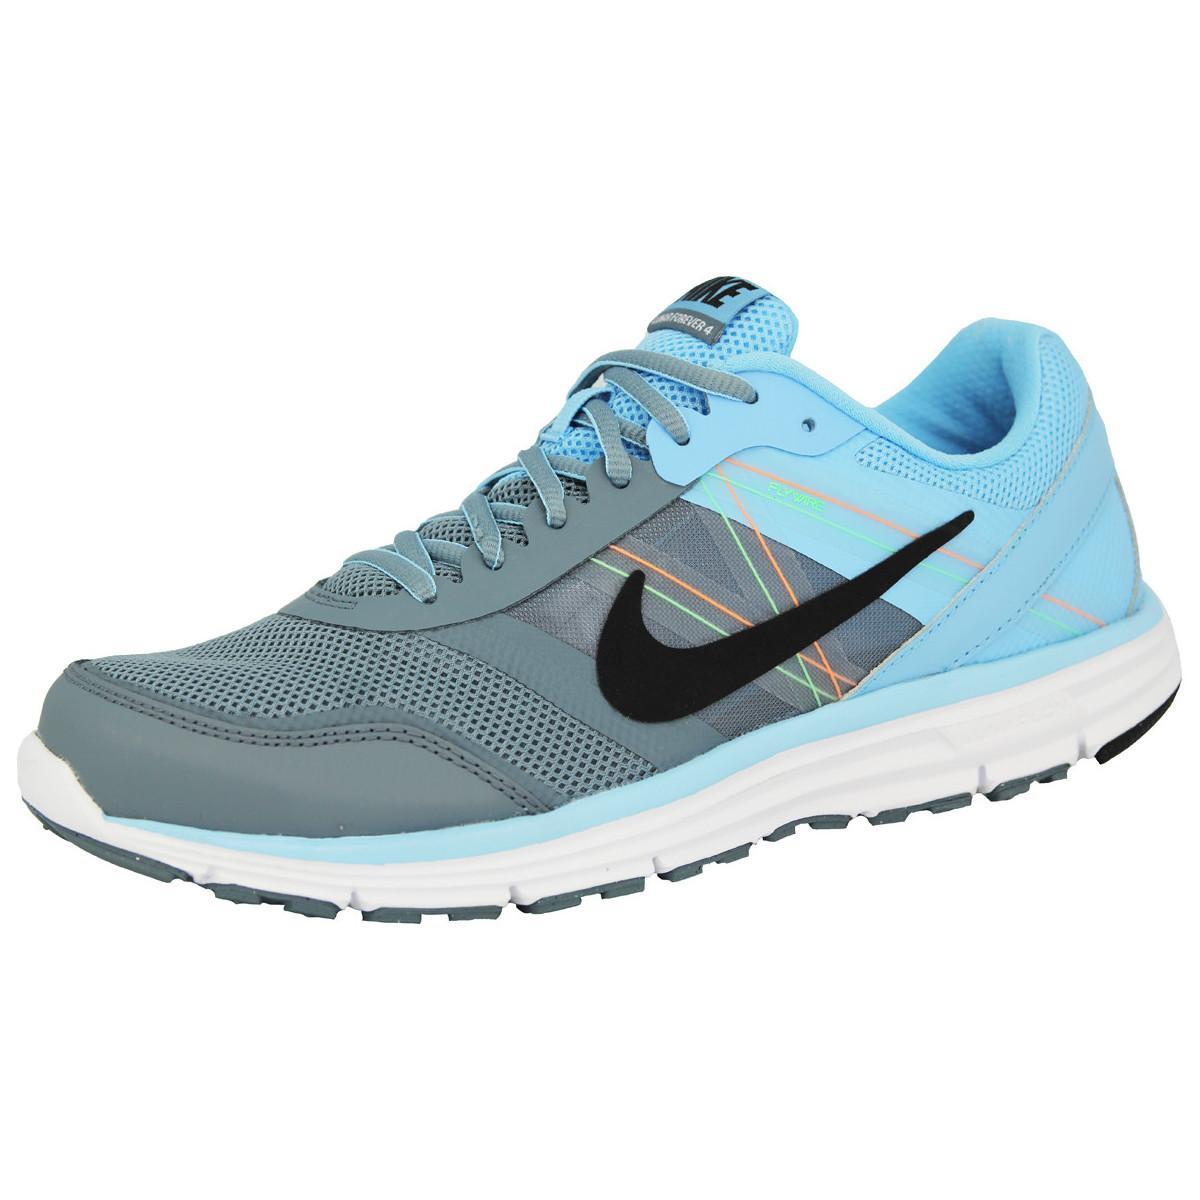 Baskets de Running Nike Lunar Forever 4 - Bleu / Gris, Tailles : 42, 43 ou 44